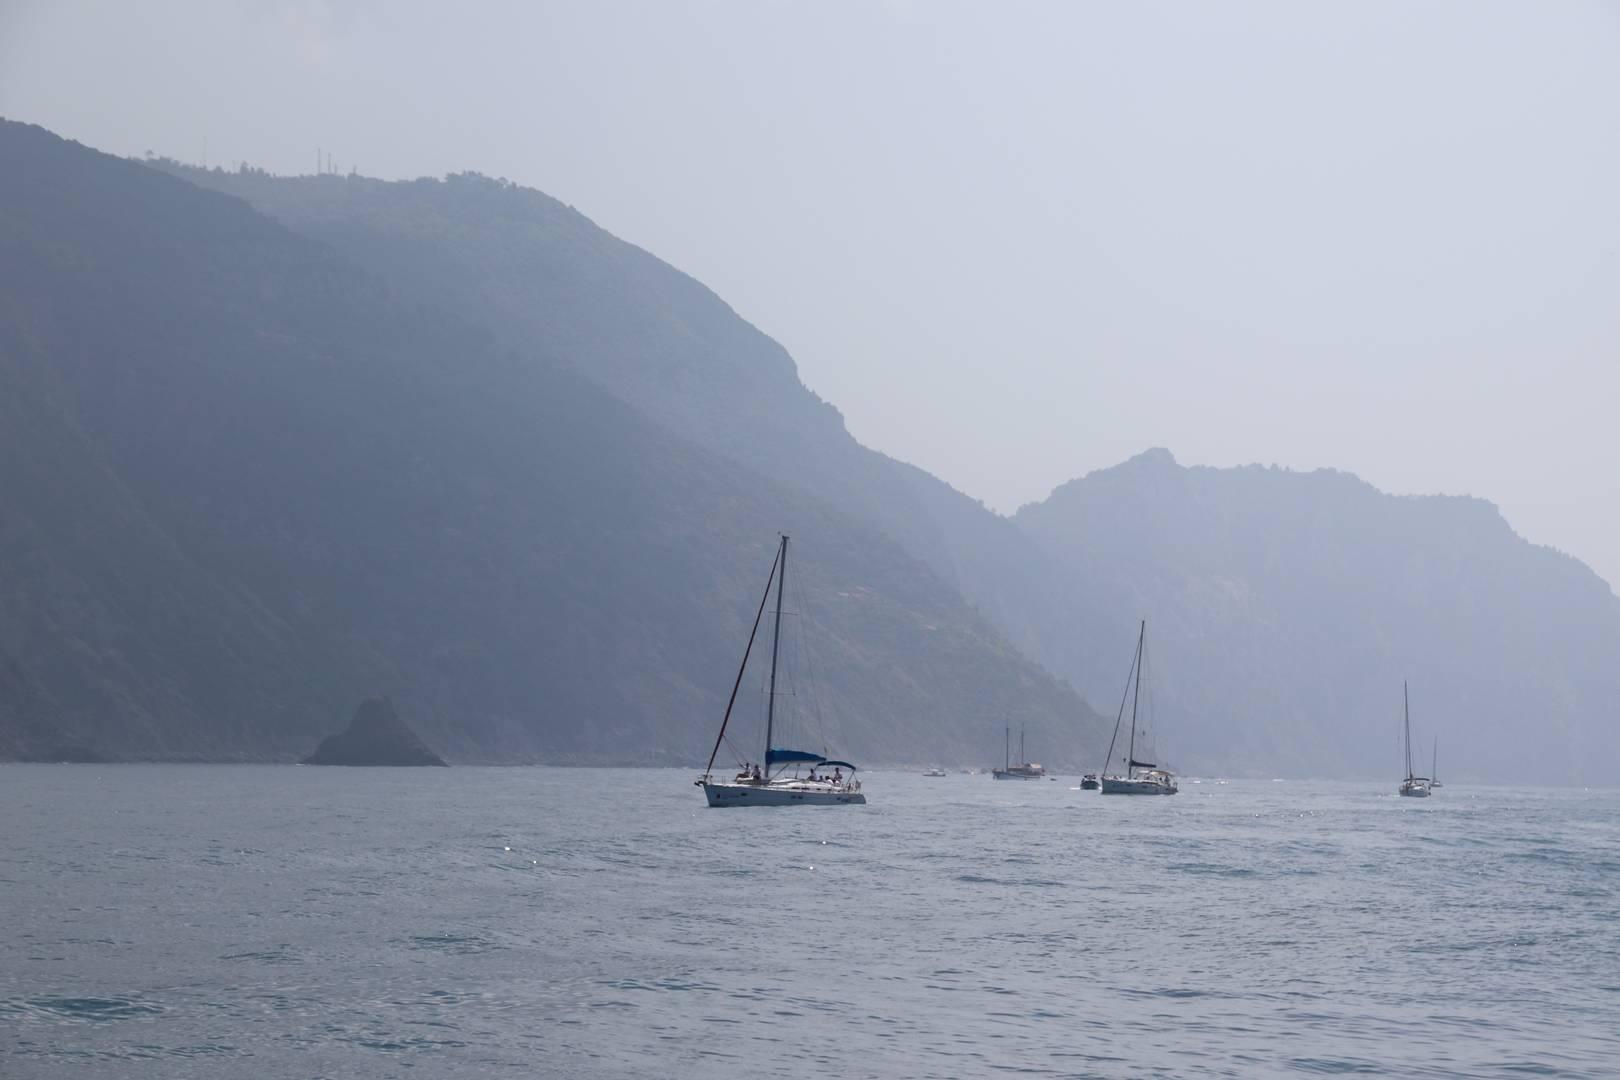 Italie - Bateaux en mer Méditerranée dans le parc des cinque terre